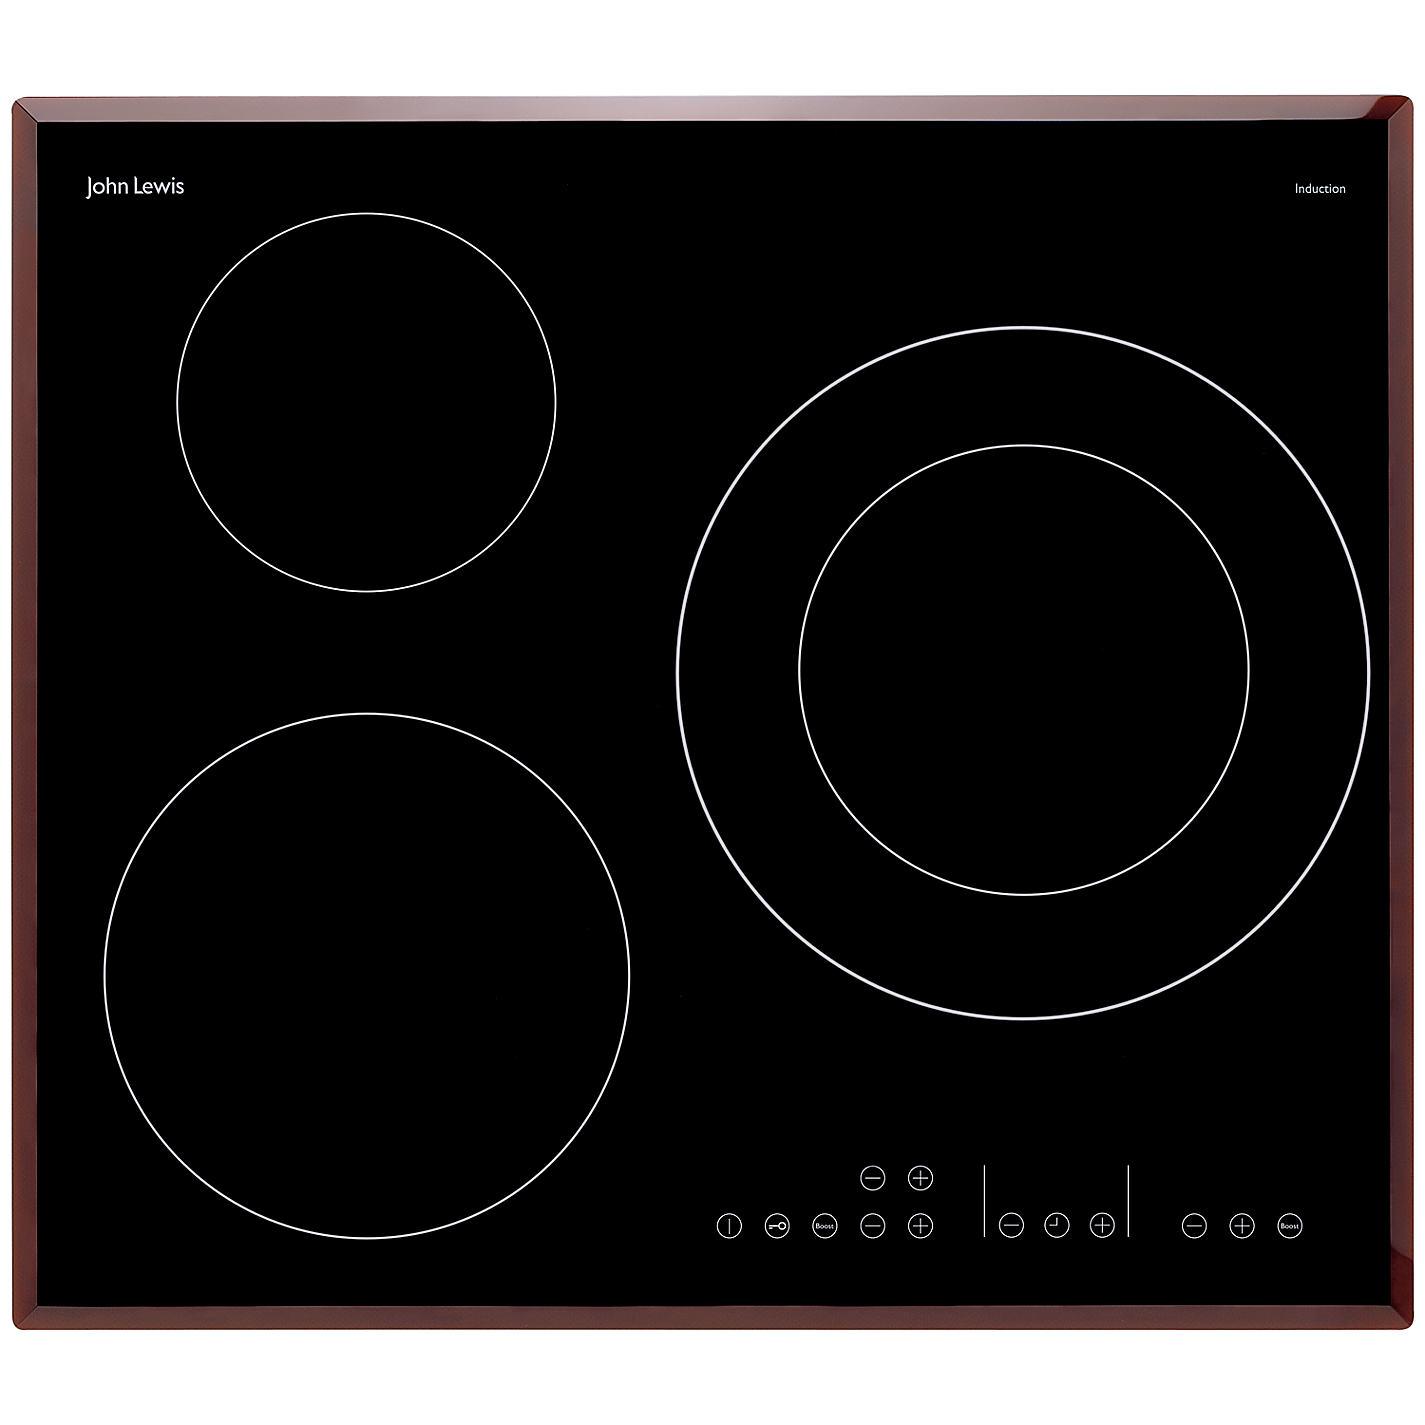 7 lý do để chọn mua bếp từ âm cảm ứng